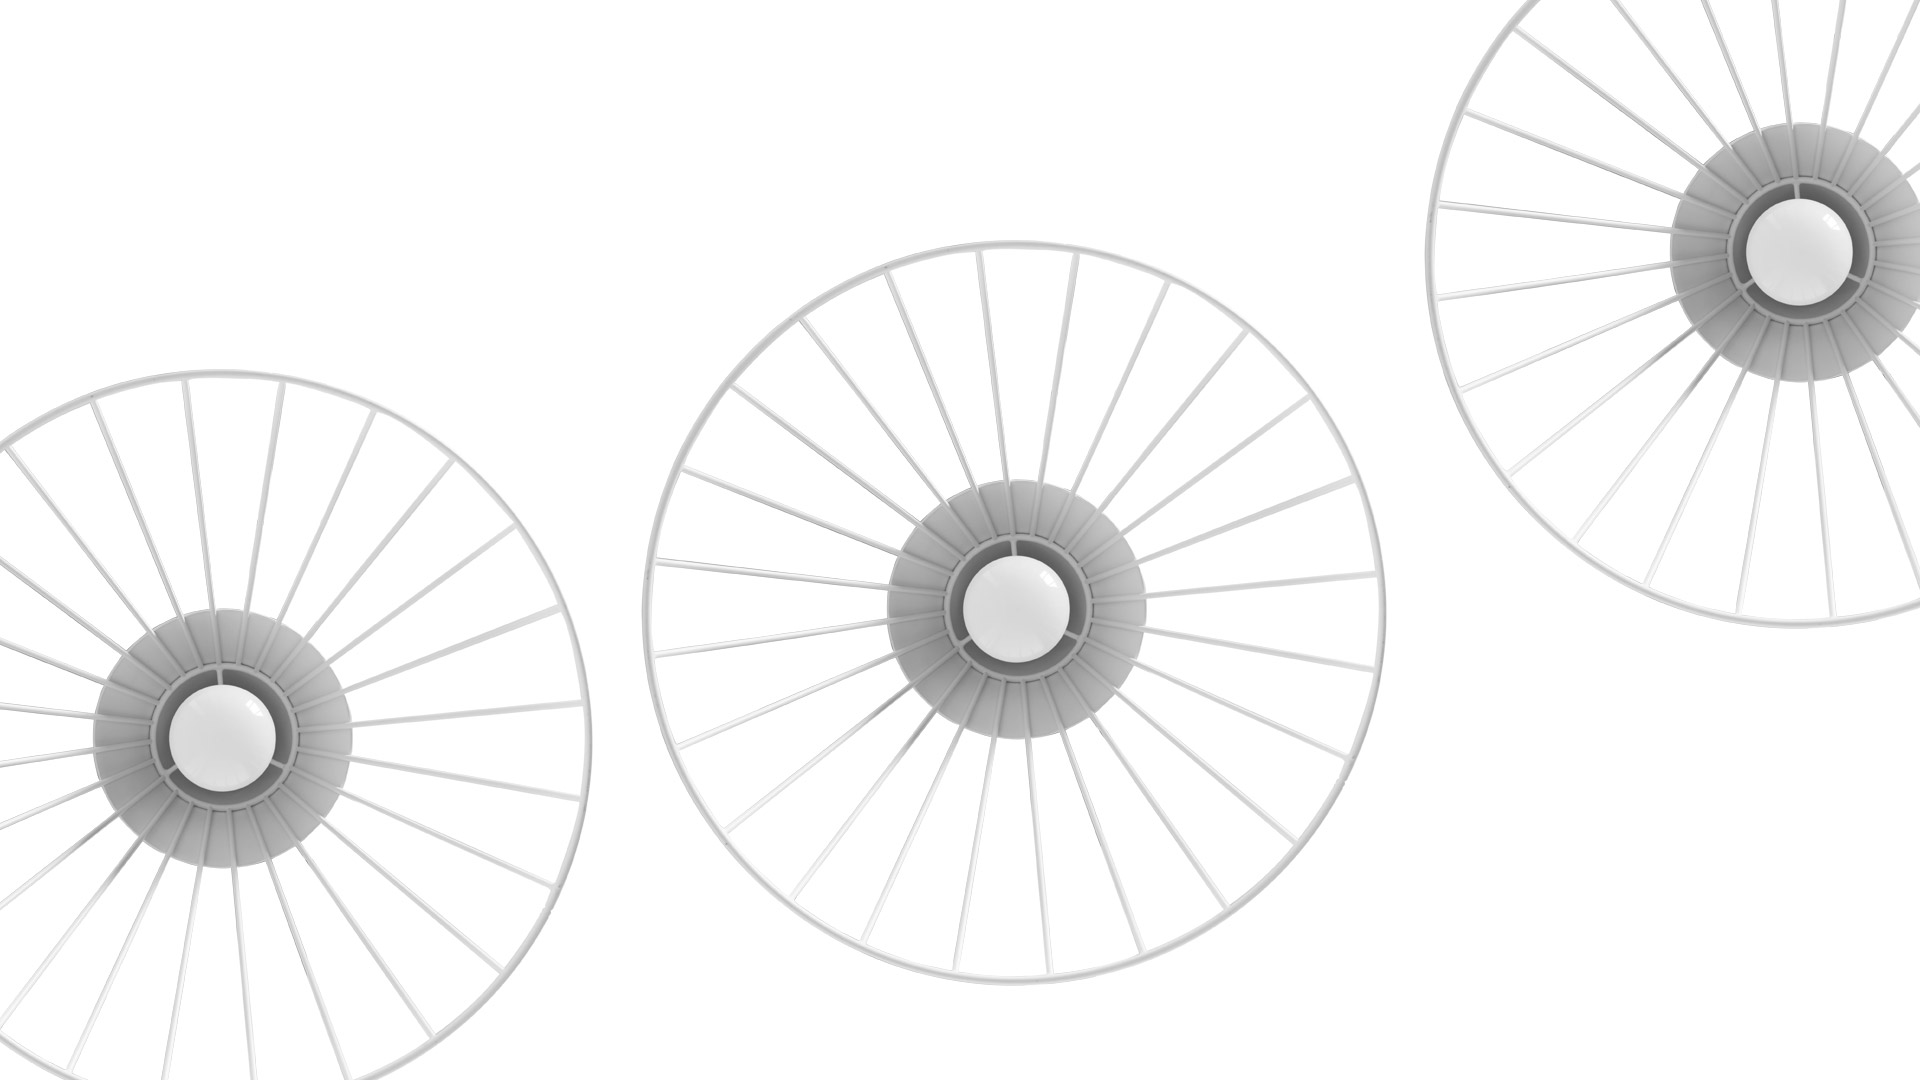 24根纤细同心圆金属线灯框,直径仅为3mm,54个衔接点精细打磨, 高超的工艺要求,需娴熟的技术工人,花费比市面一般产品多出3倍的时间才能完成。?x-oss-process=image/format,jpg/interlace,1